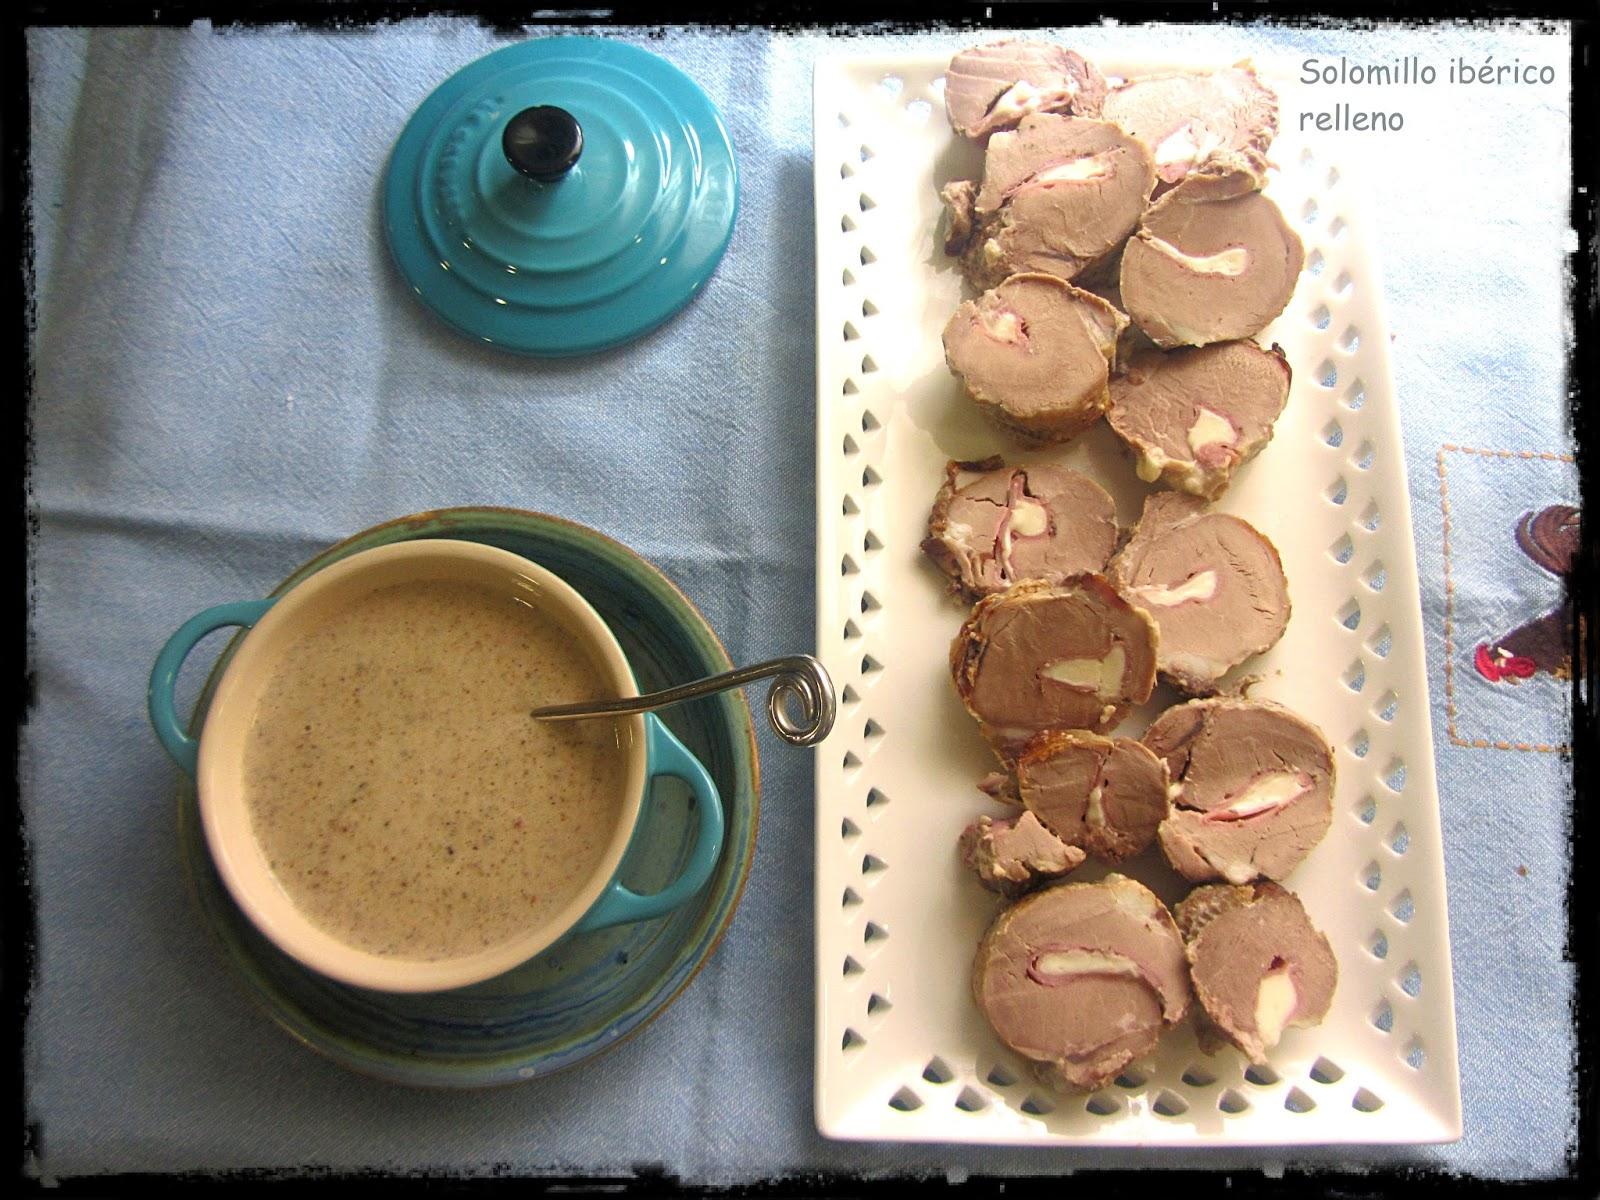 Solomillo ib rico relleno en salsa de setas recetas de Solomillo iberico al horno